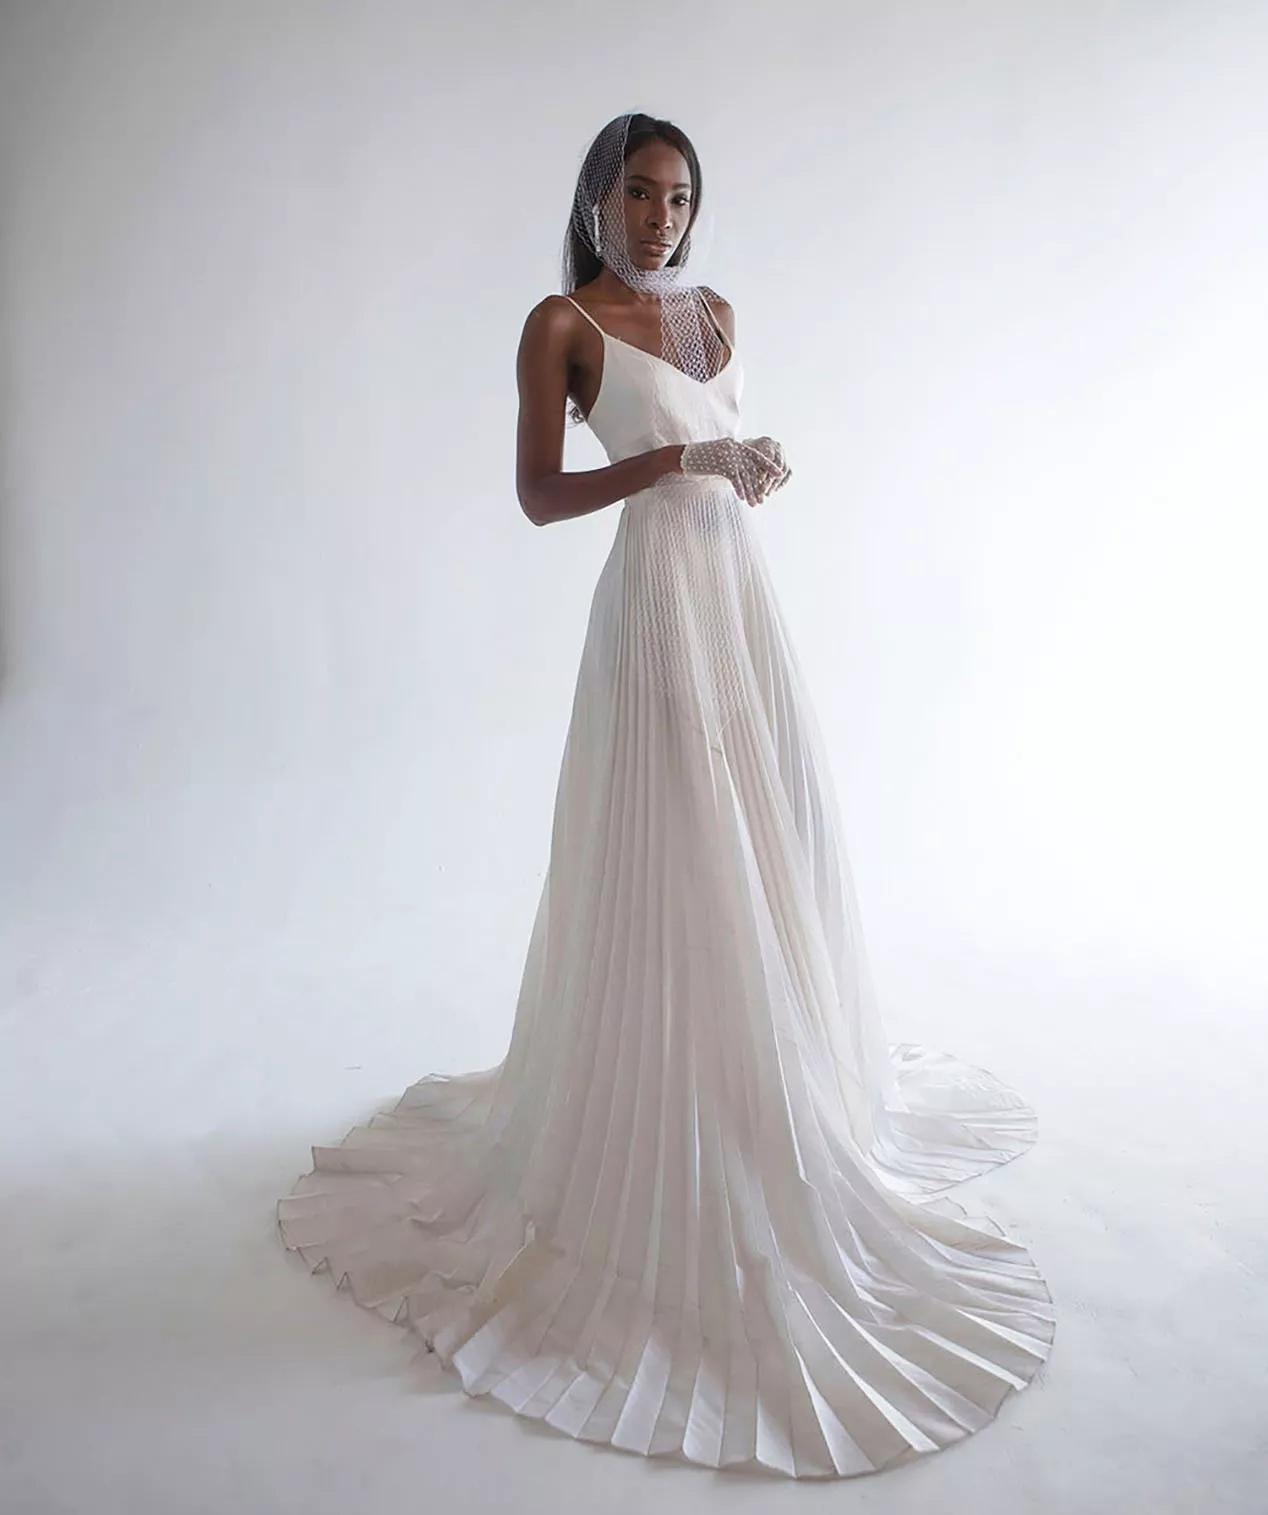 9Tm De NQbE - 21 романтическое платье для невесты в 2021 свадебном сезоне